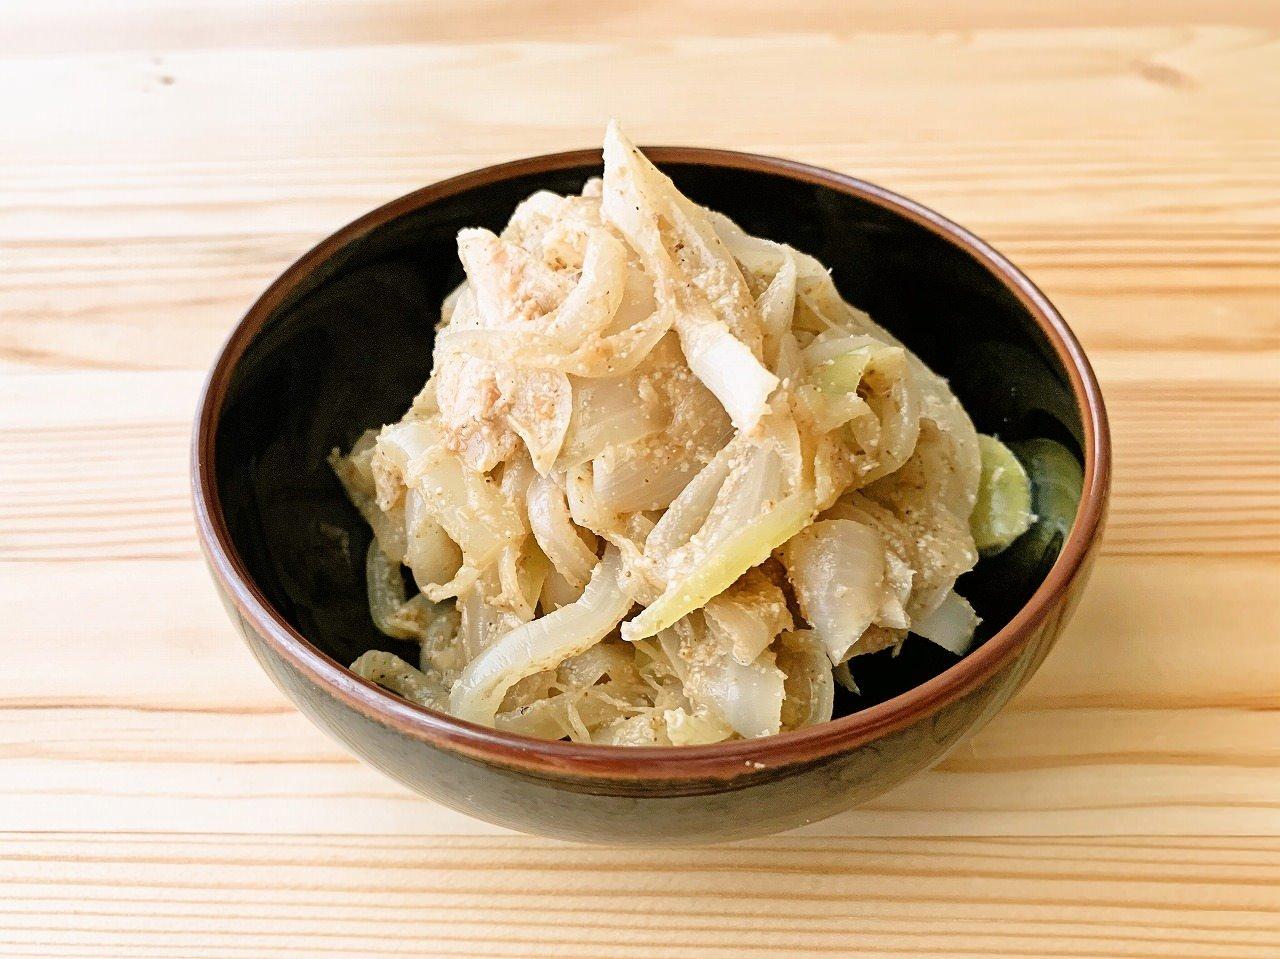 【野菜ひとつ】玉ねぎのごま酢和え